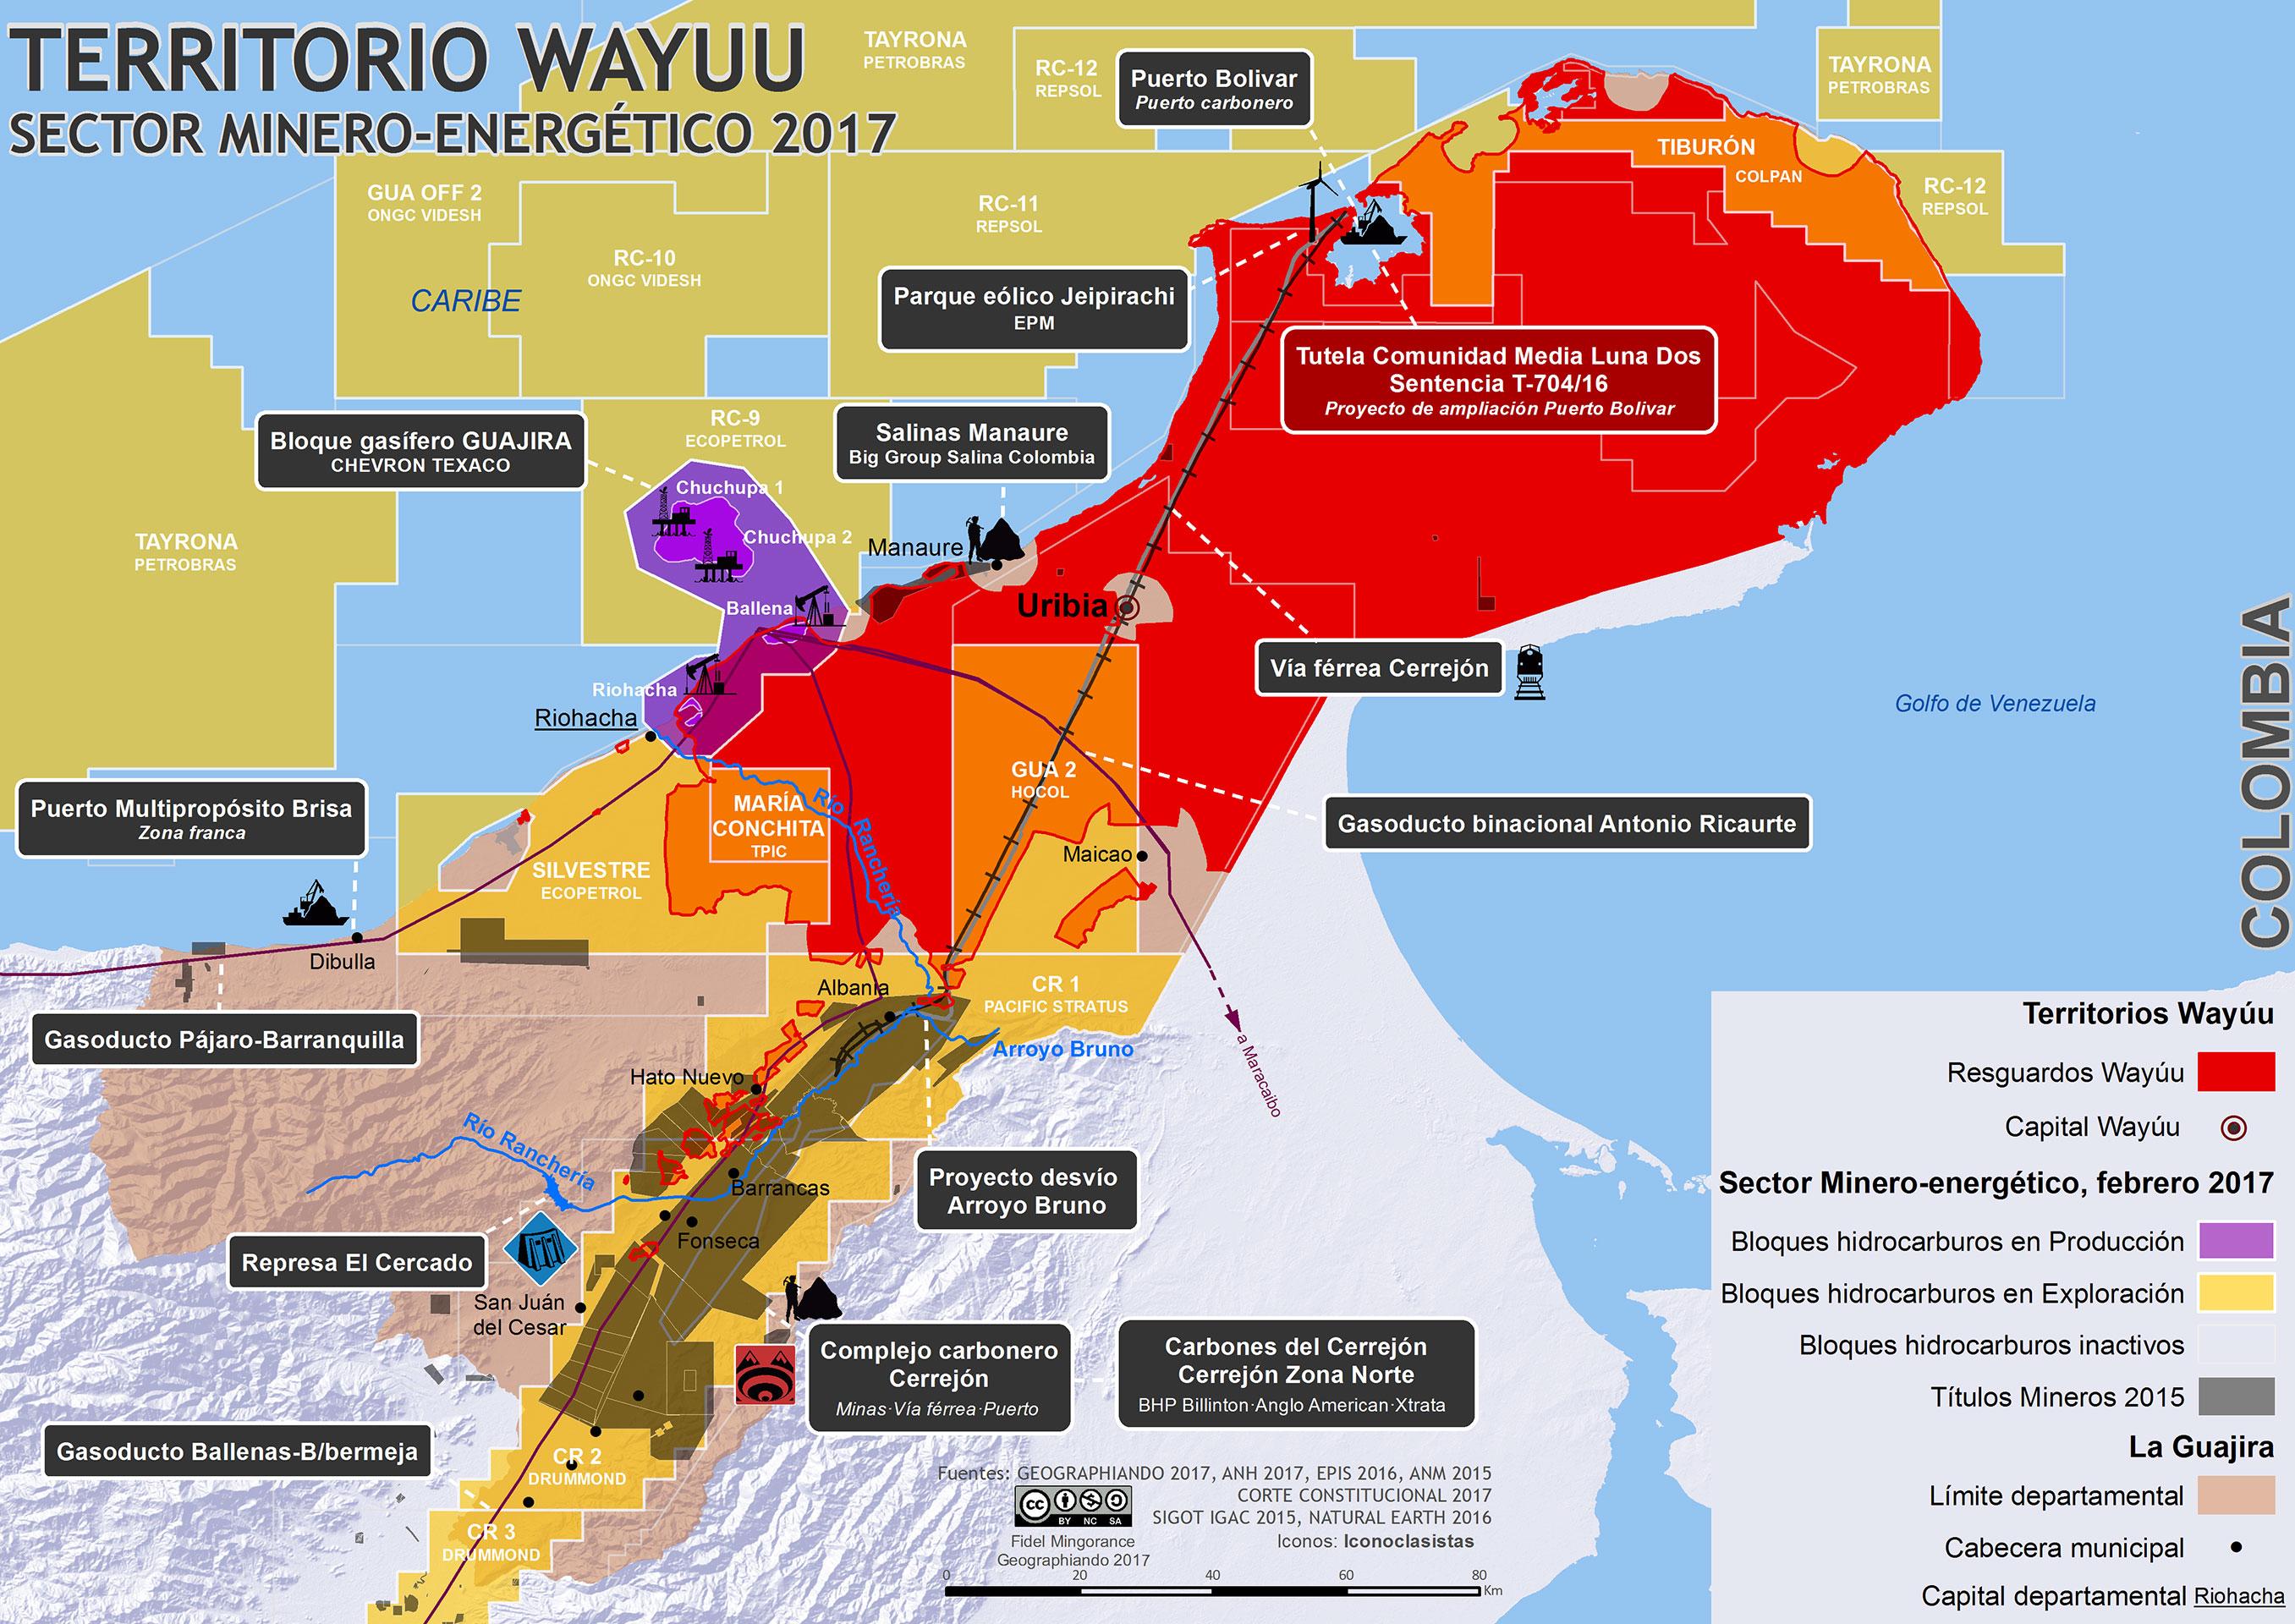 Sector Minero Energético la Guajira 2017